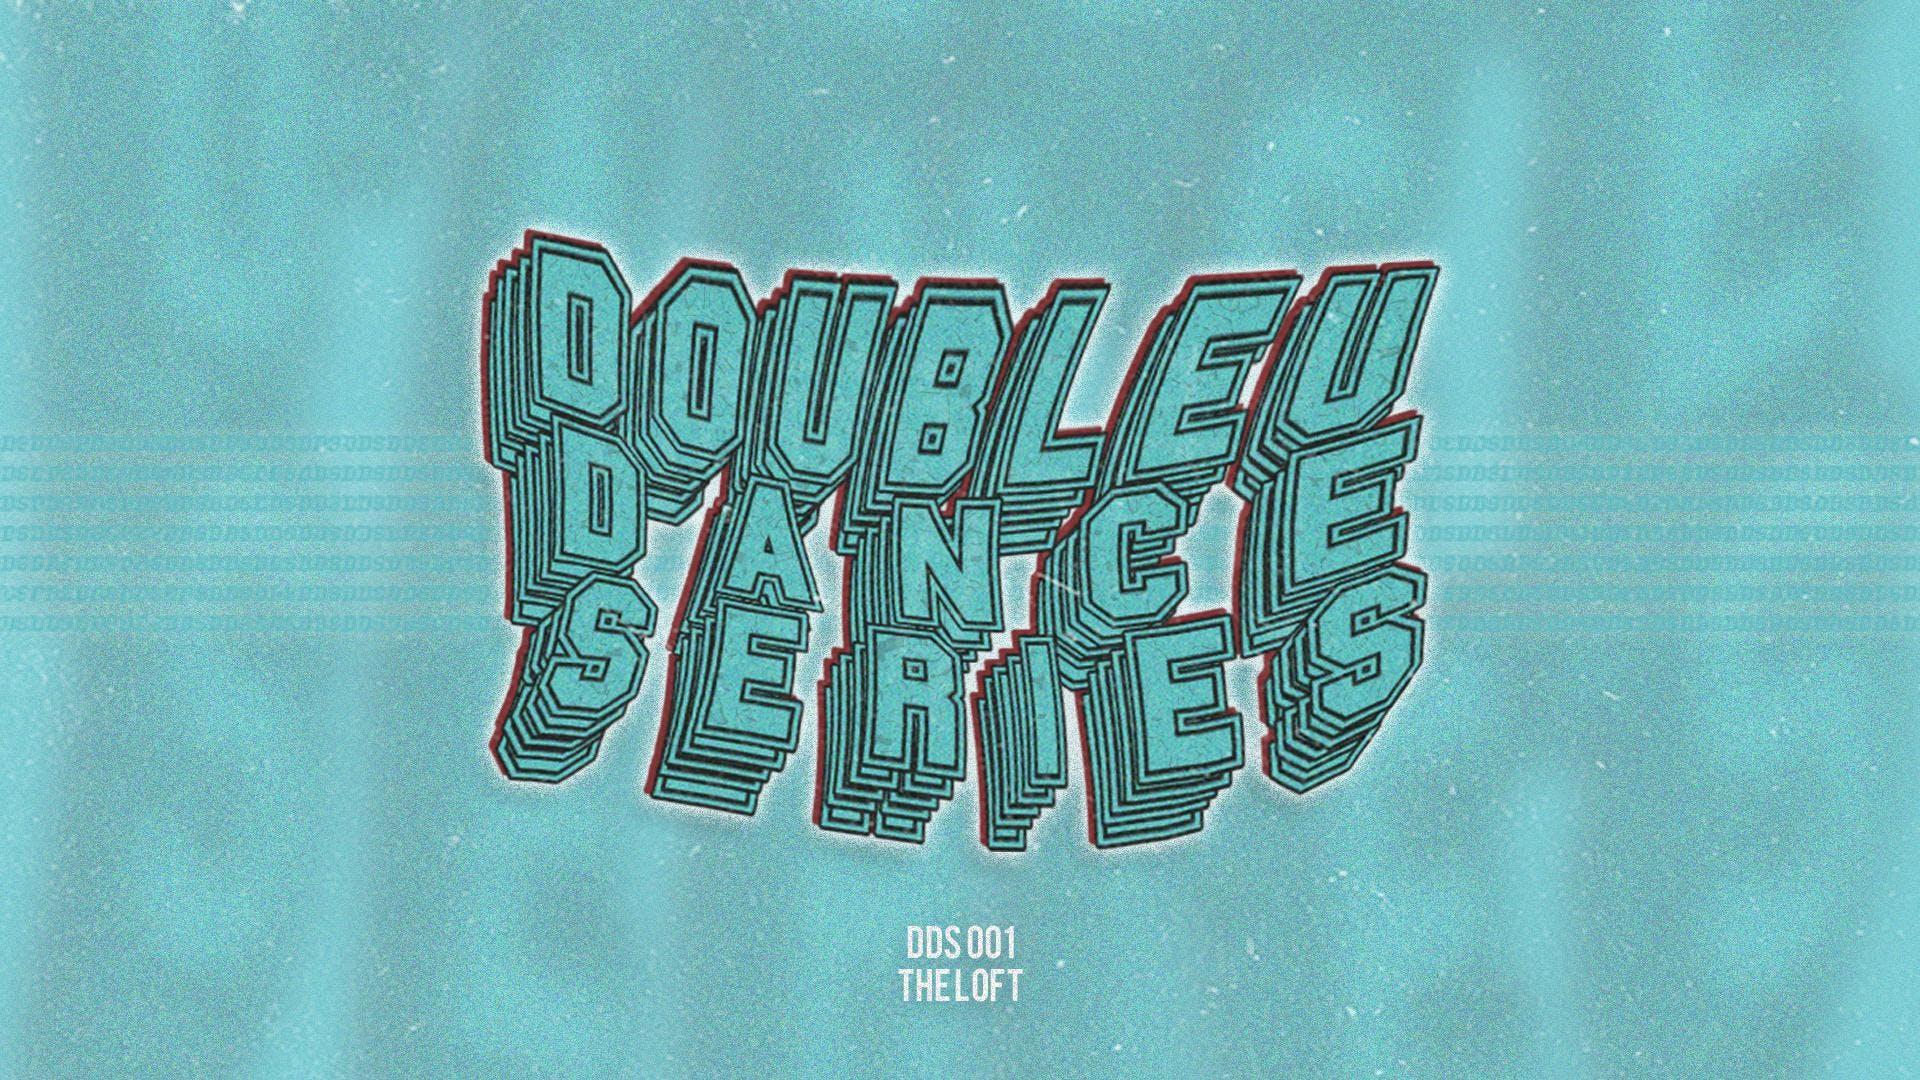 Doubleu Dance Series - DDS 001